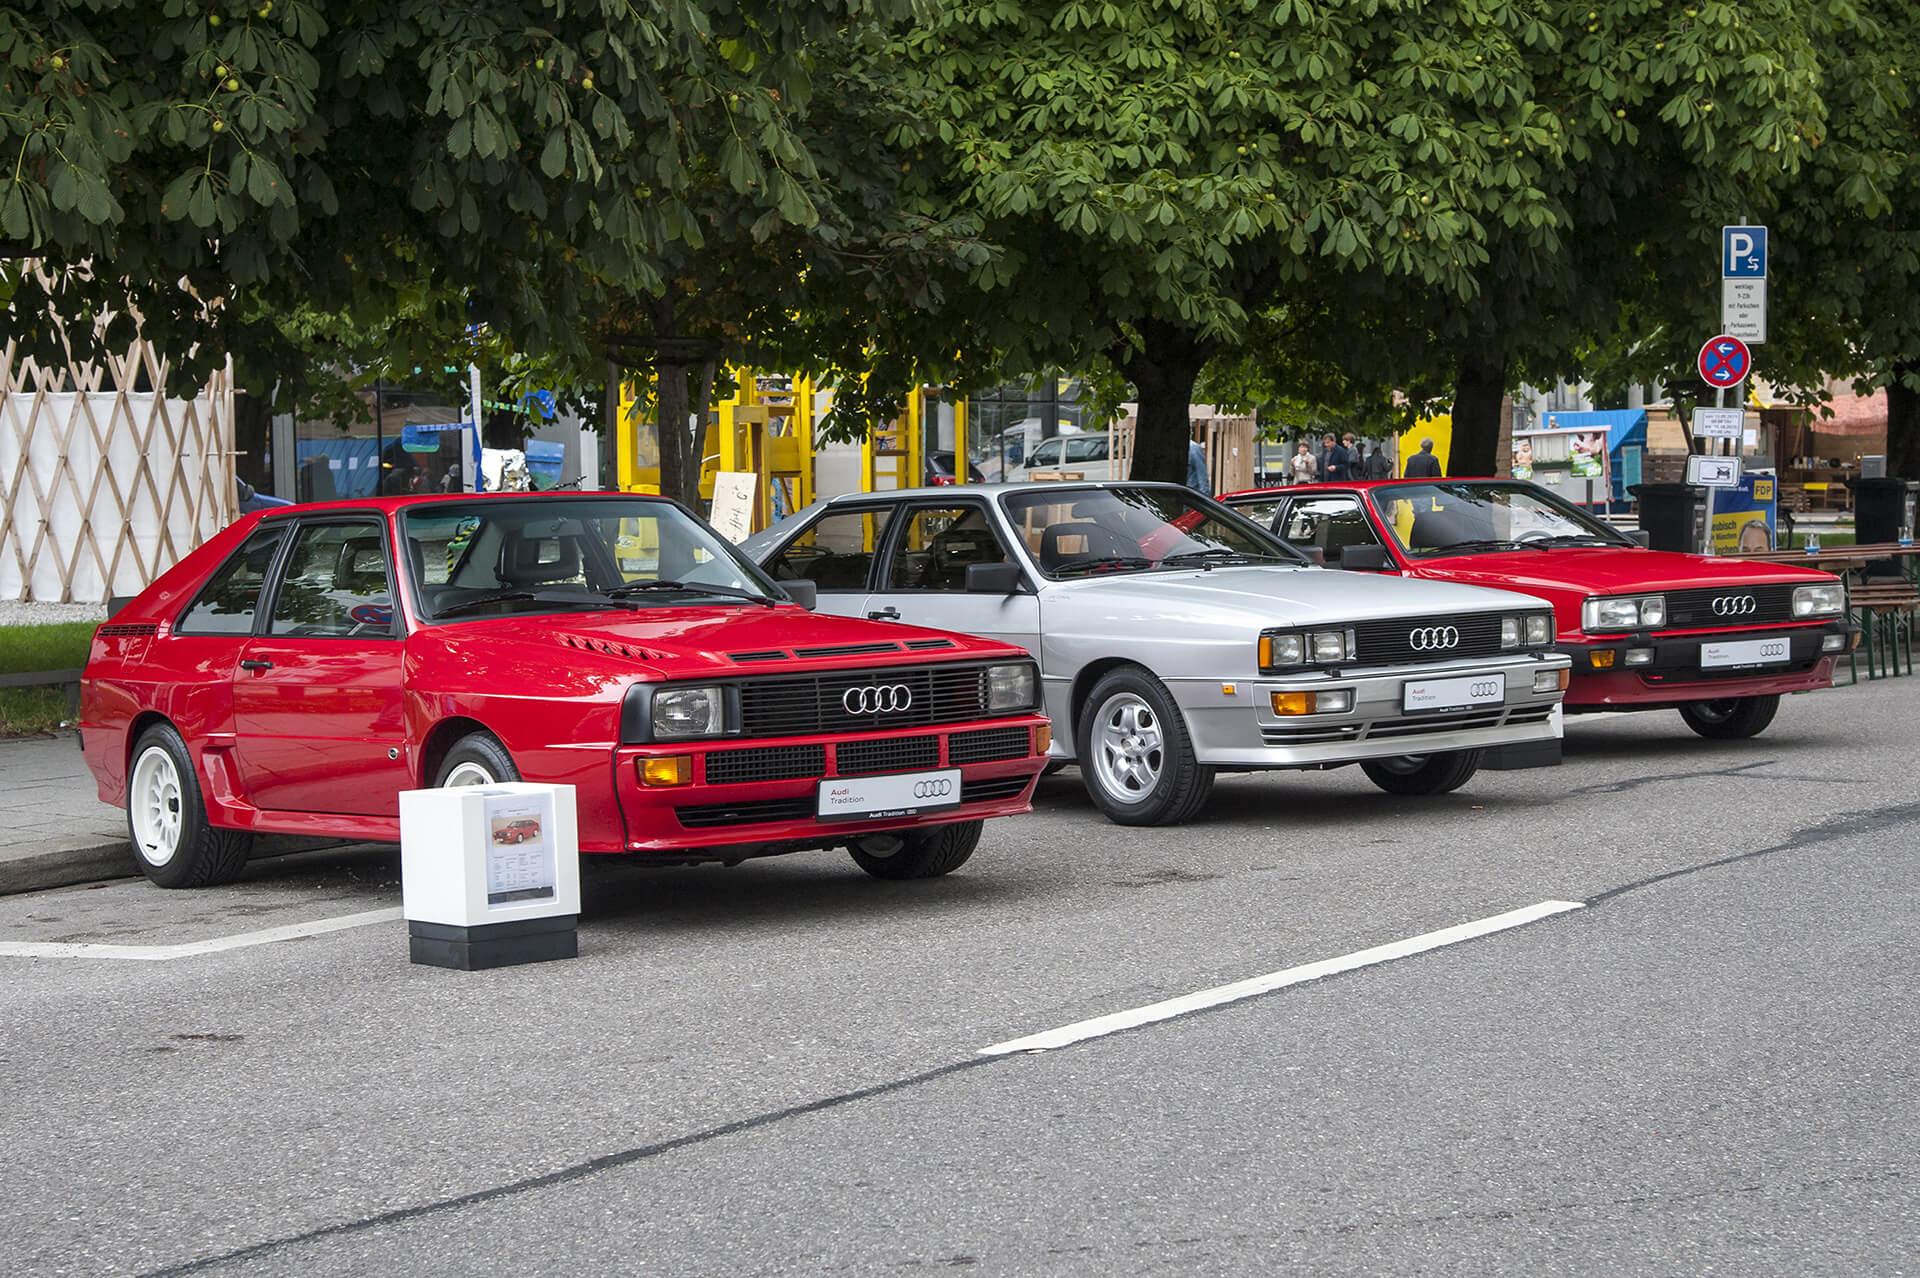 11.452 μονάδες του αρχικού quattro κατασκευάστηκαν μεταξύ 1980 και 1991